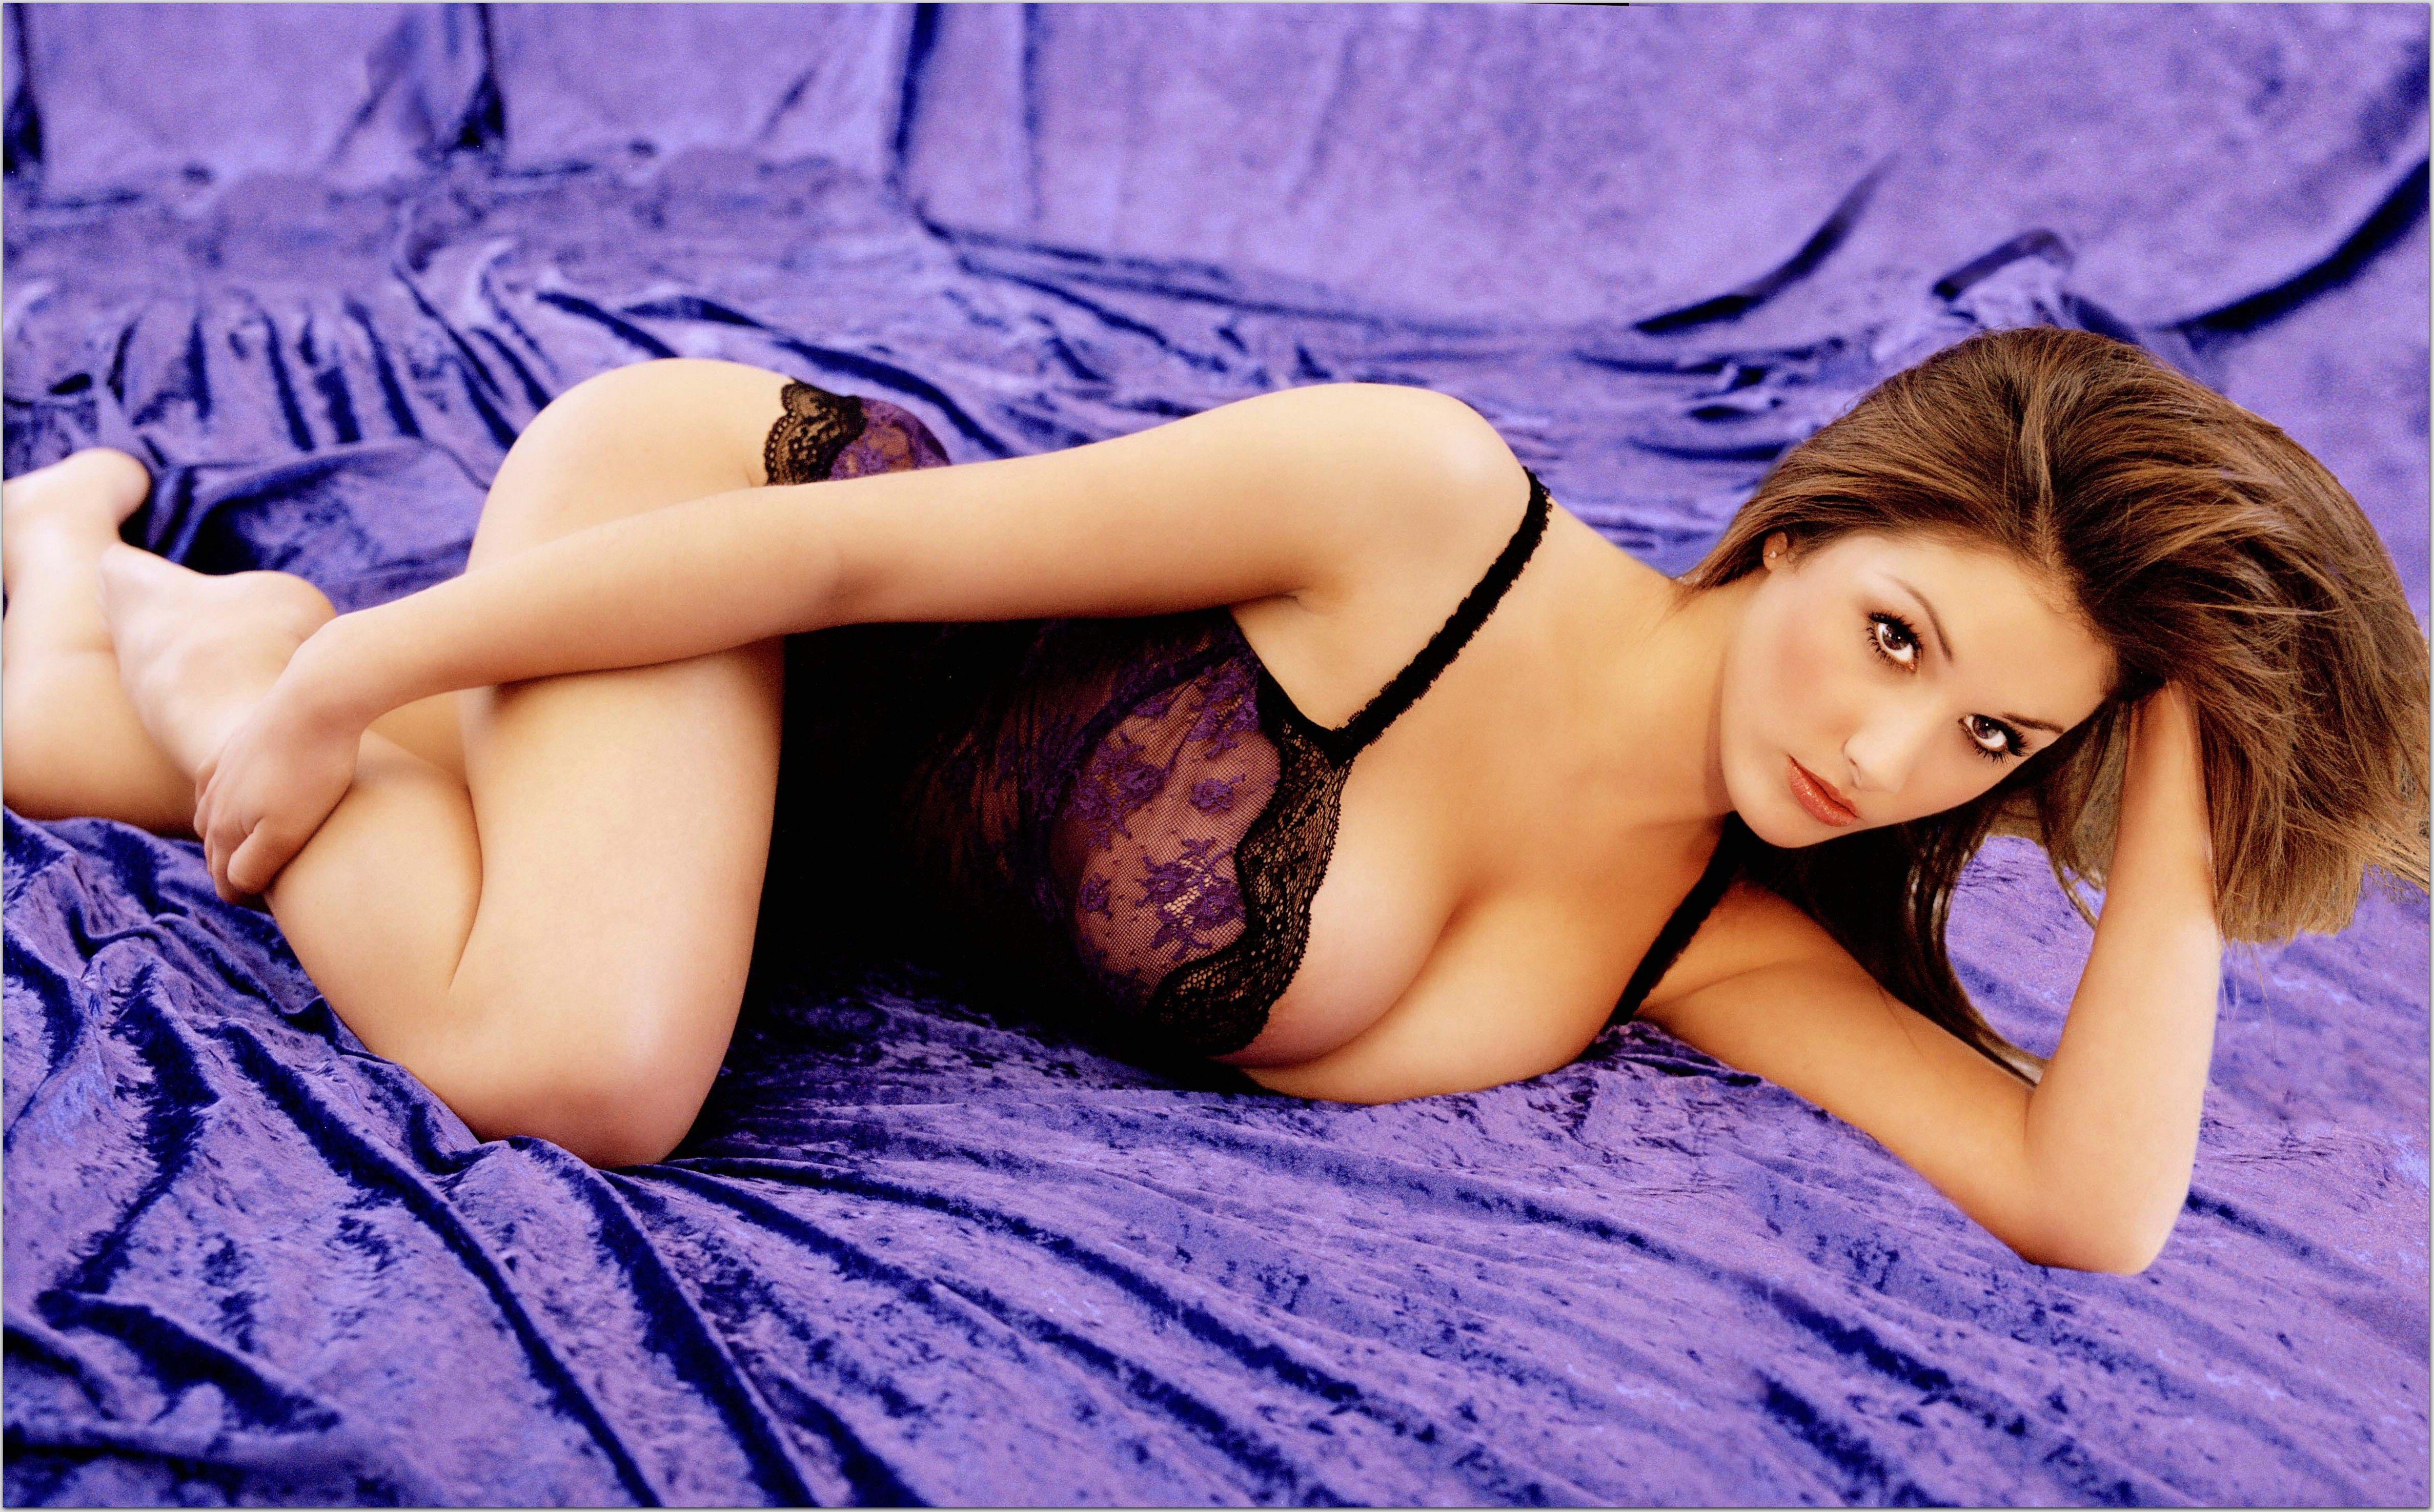 Красивая голи девушка